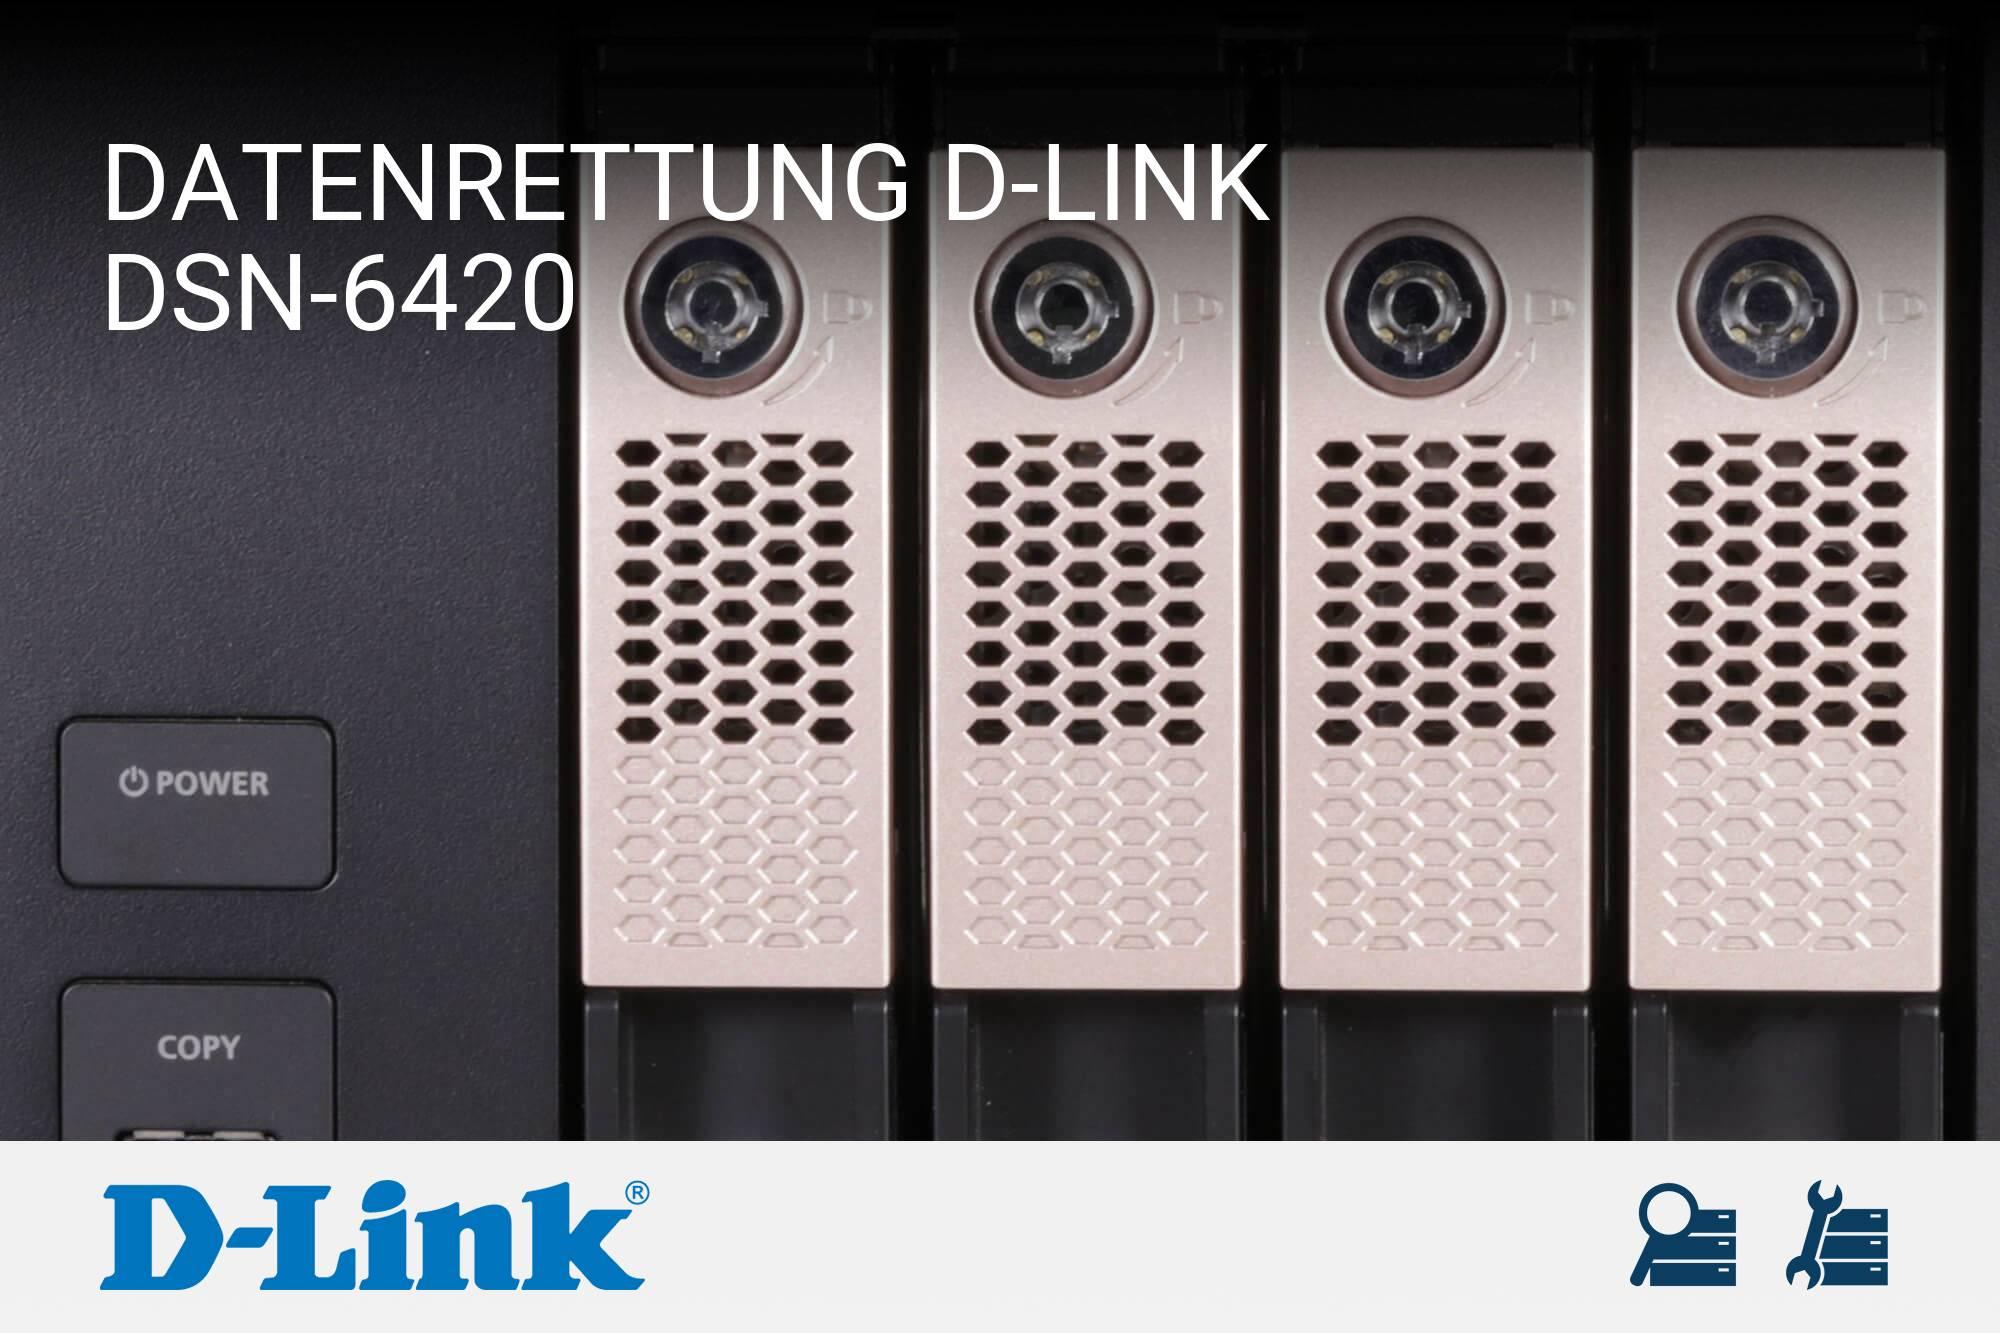 D-Link DSN-6420